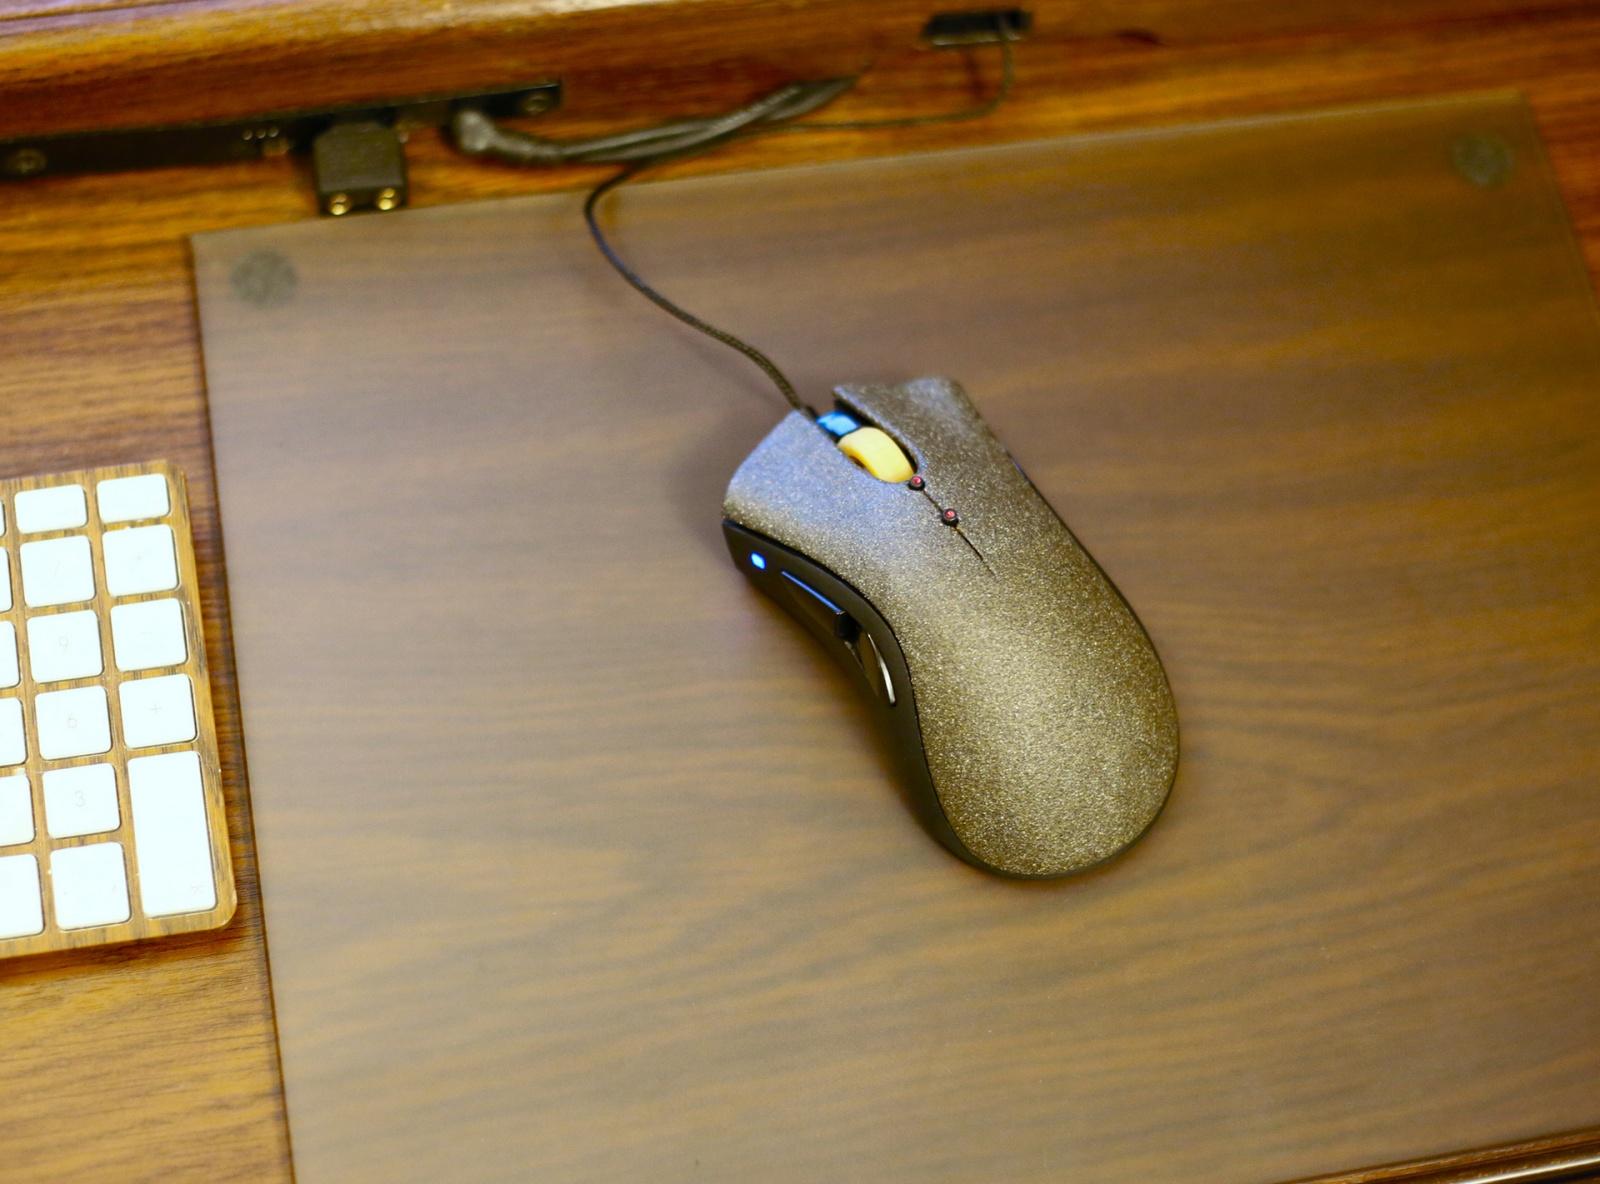 Модернизация мыши — добавление наклонов колеса, замена электроники - 31